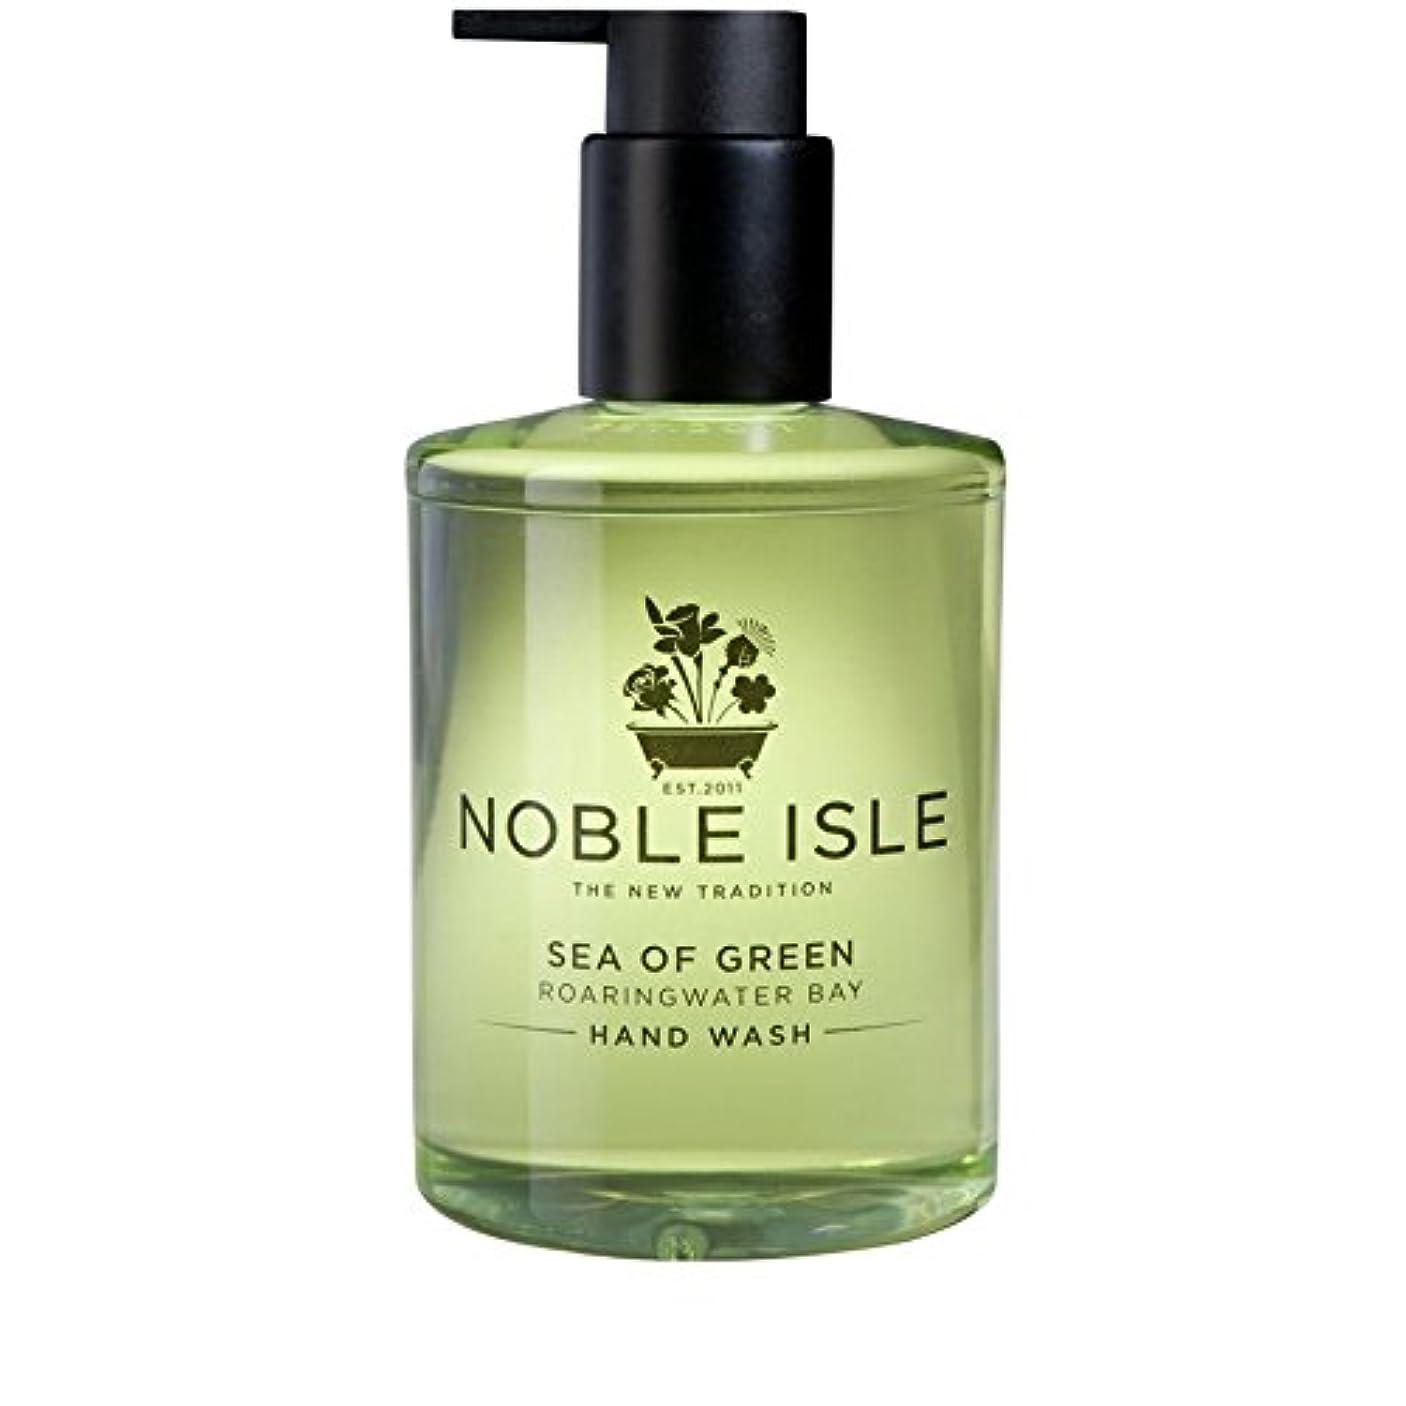 透けて見えるハブヒット緑ベイハンドウォッシュ250ミリリットルの高貴な島の海 x2 - Noble Isle Sea of Green Roaringwater Bay Hand Wash 250ml (Pack of 2) [並行輸入品]